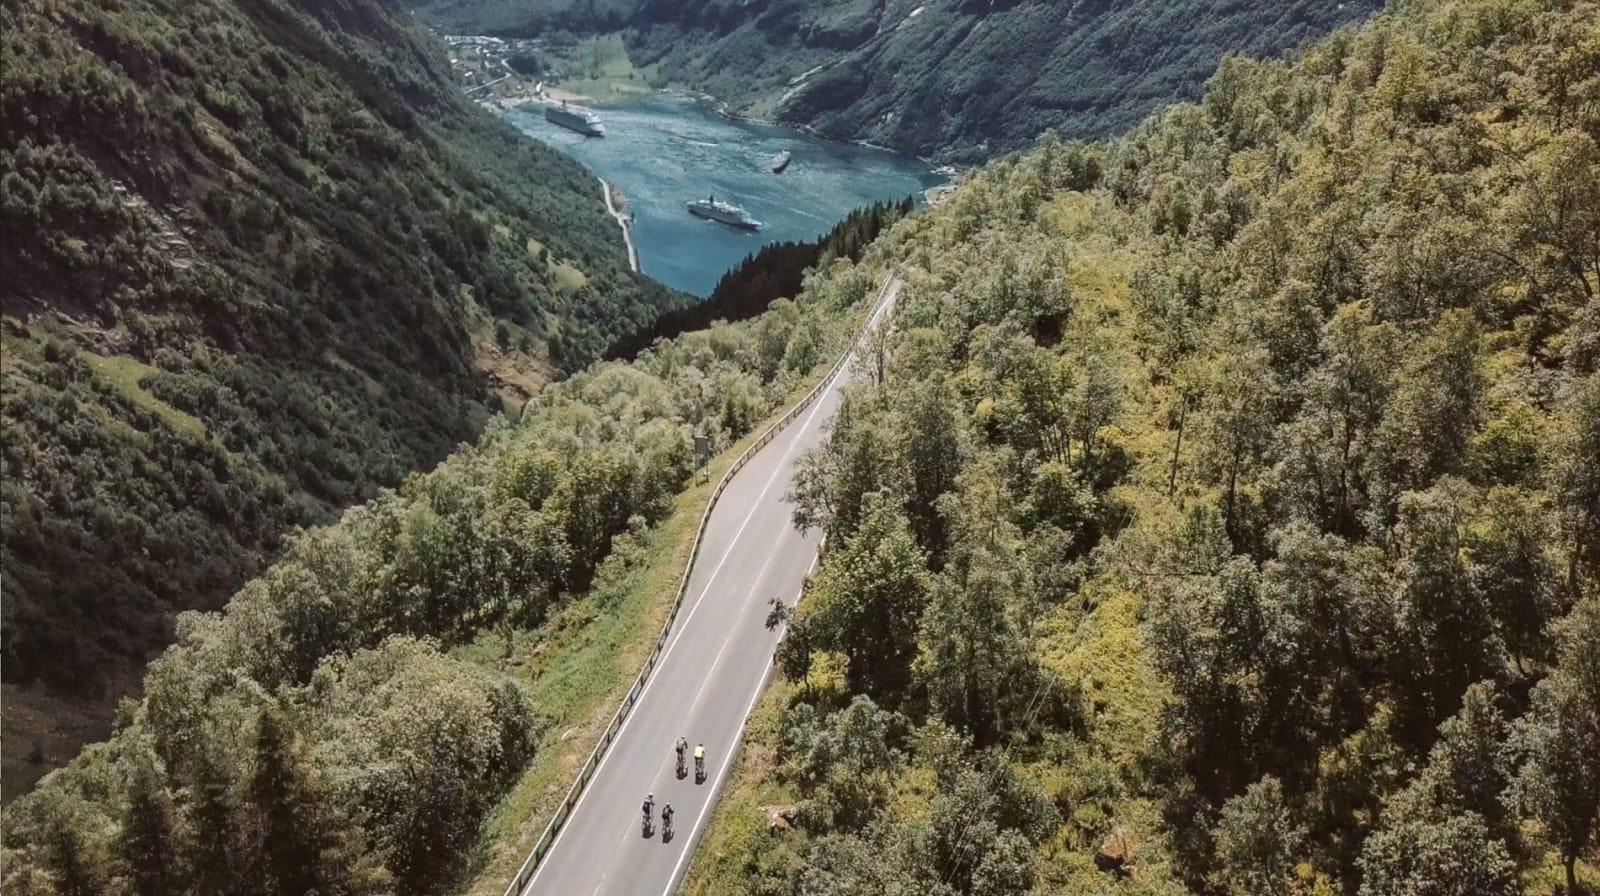 Katringa opp fra Eidsvatnet går over i Ørnevegen (RV 63) og ned de 11 hårnålsvingene til Geirangerfjorden. Bilde: Magnus Roaldset Furset